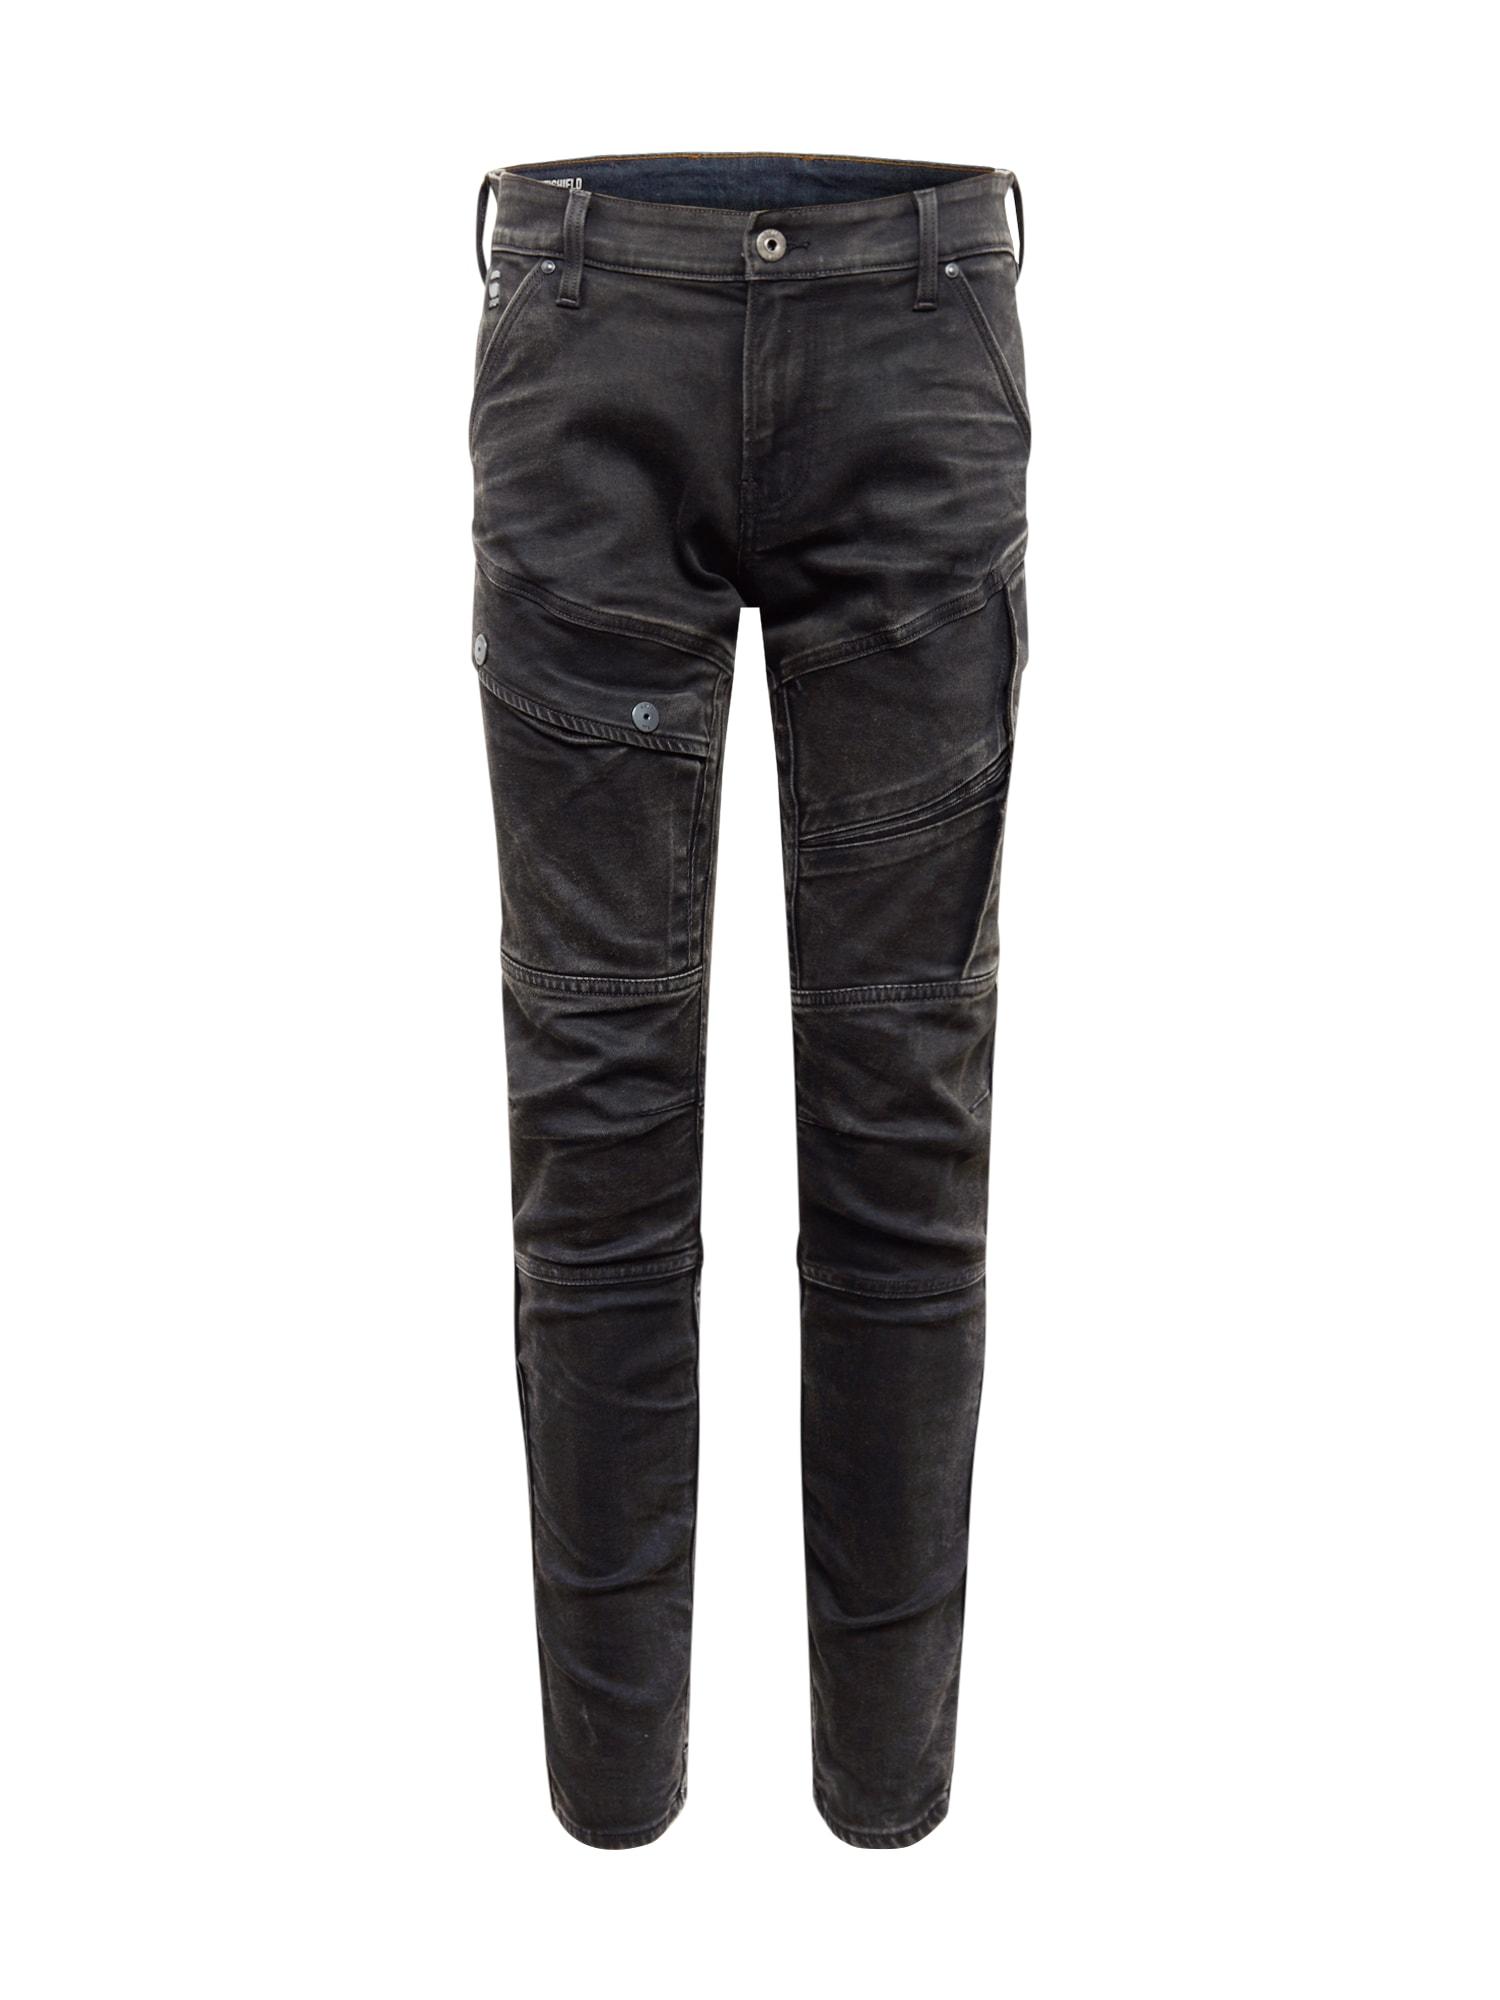 G-Star RAW Darbinio stiliaus kelnės 'Airblaze' juodo džinso spalva